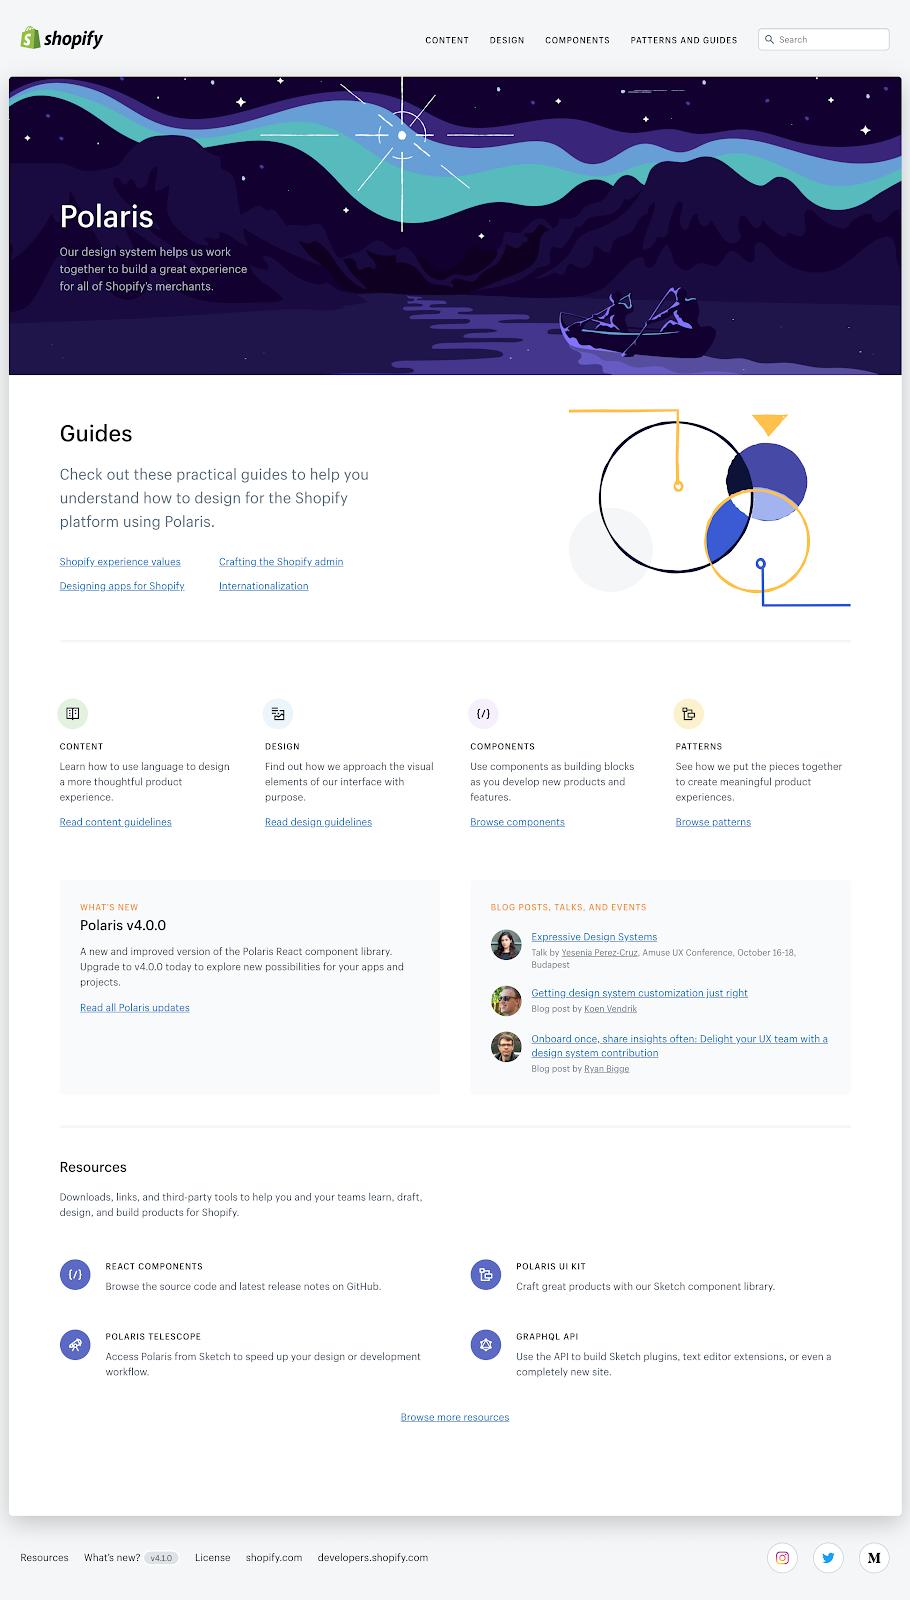 オンラインに公開されているShopify Polarisデザインシステムのバージョン4。